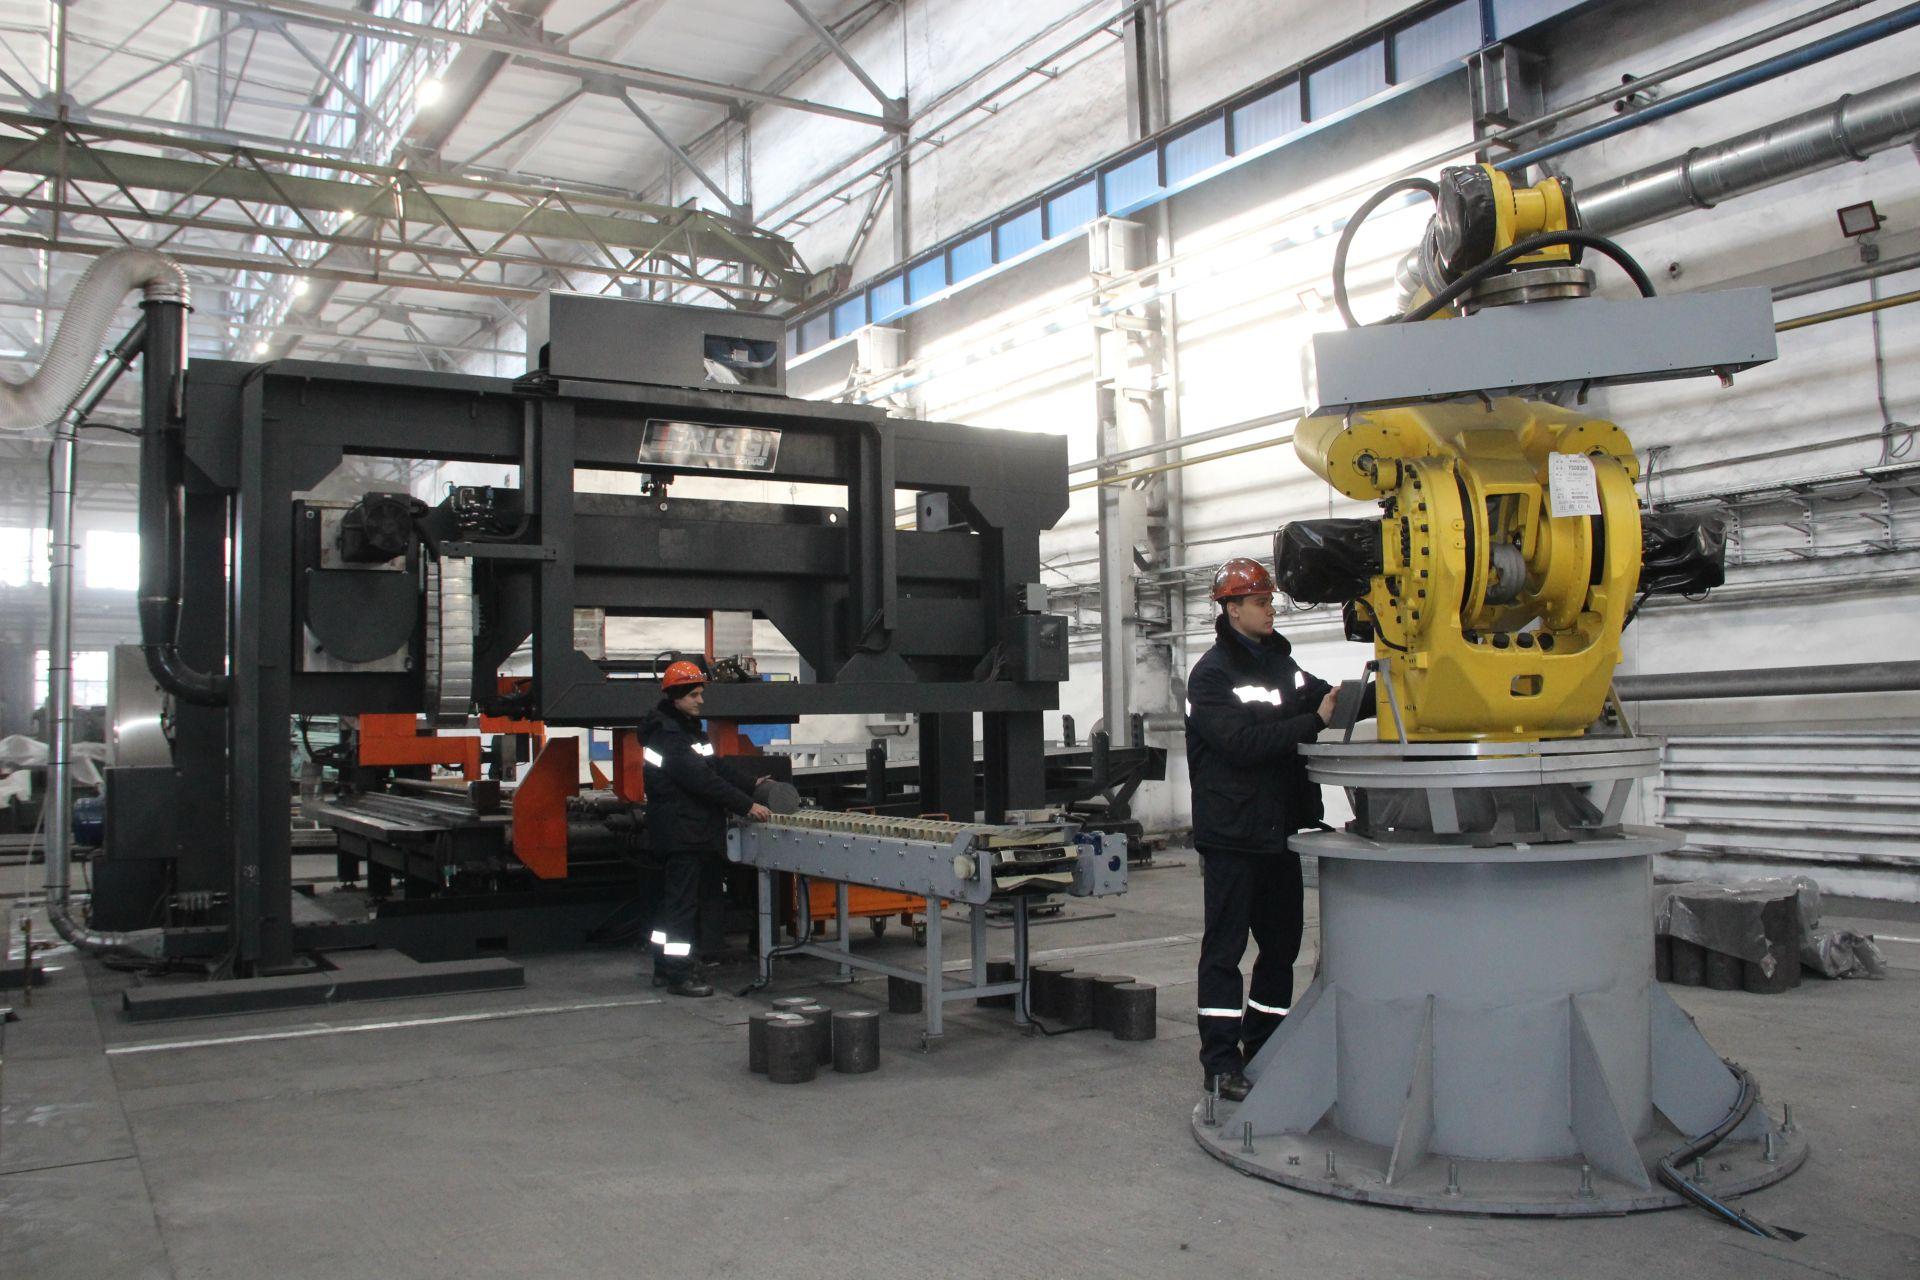 На площадку Ниппельного центра ЭПМ-НЭЗ доставлено оборудование